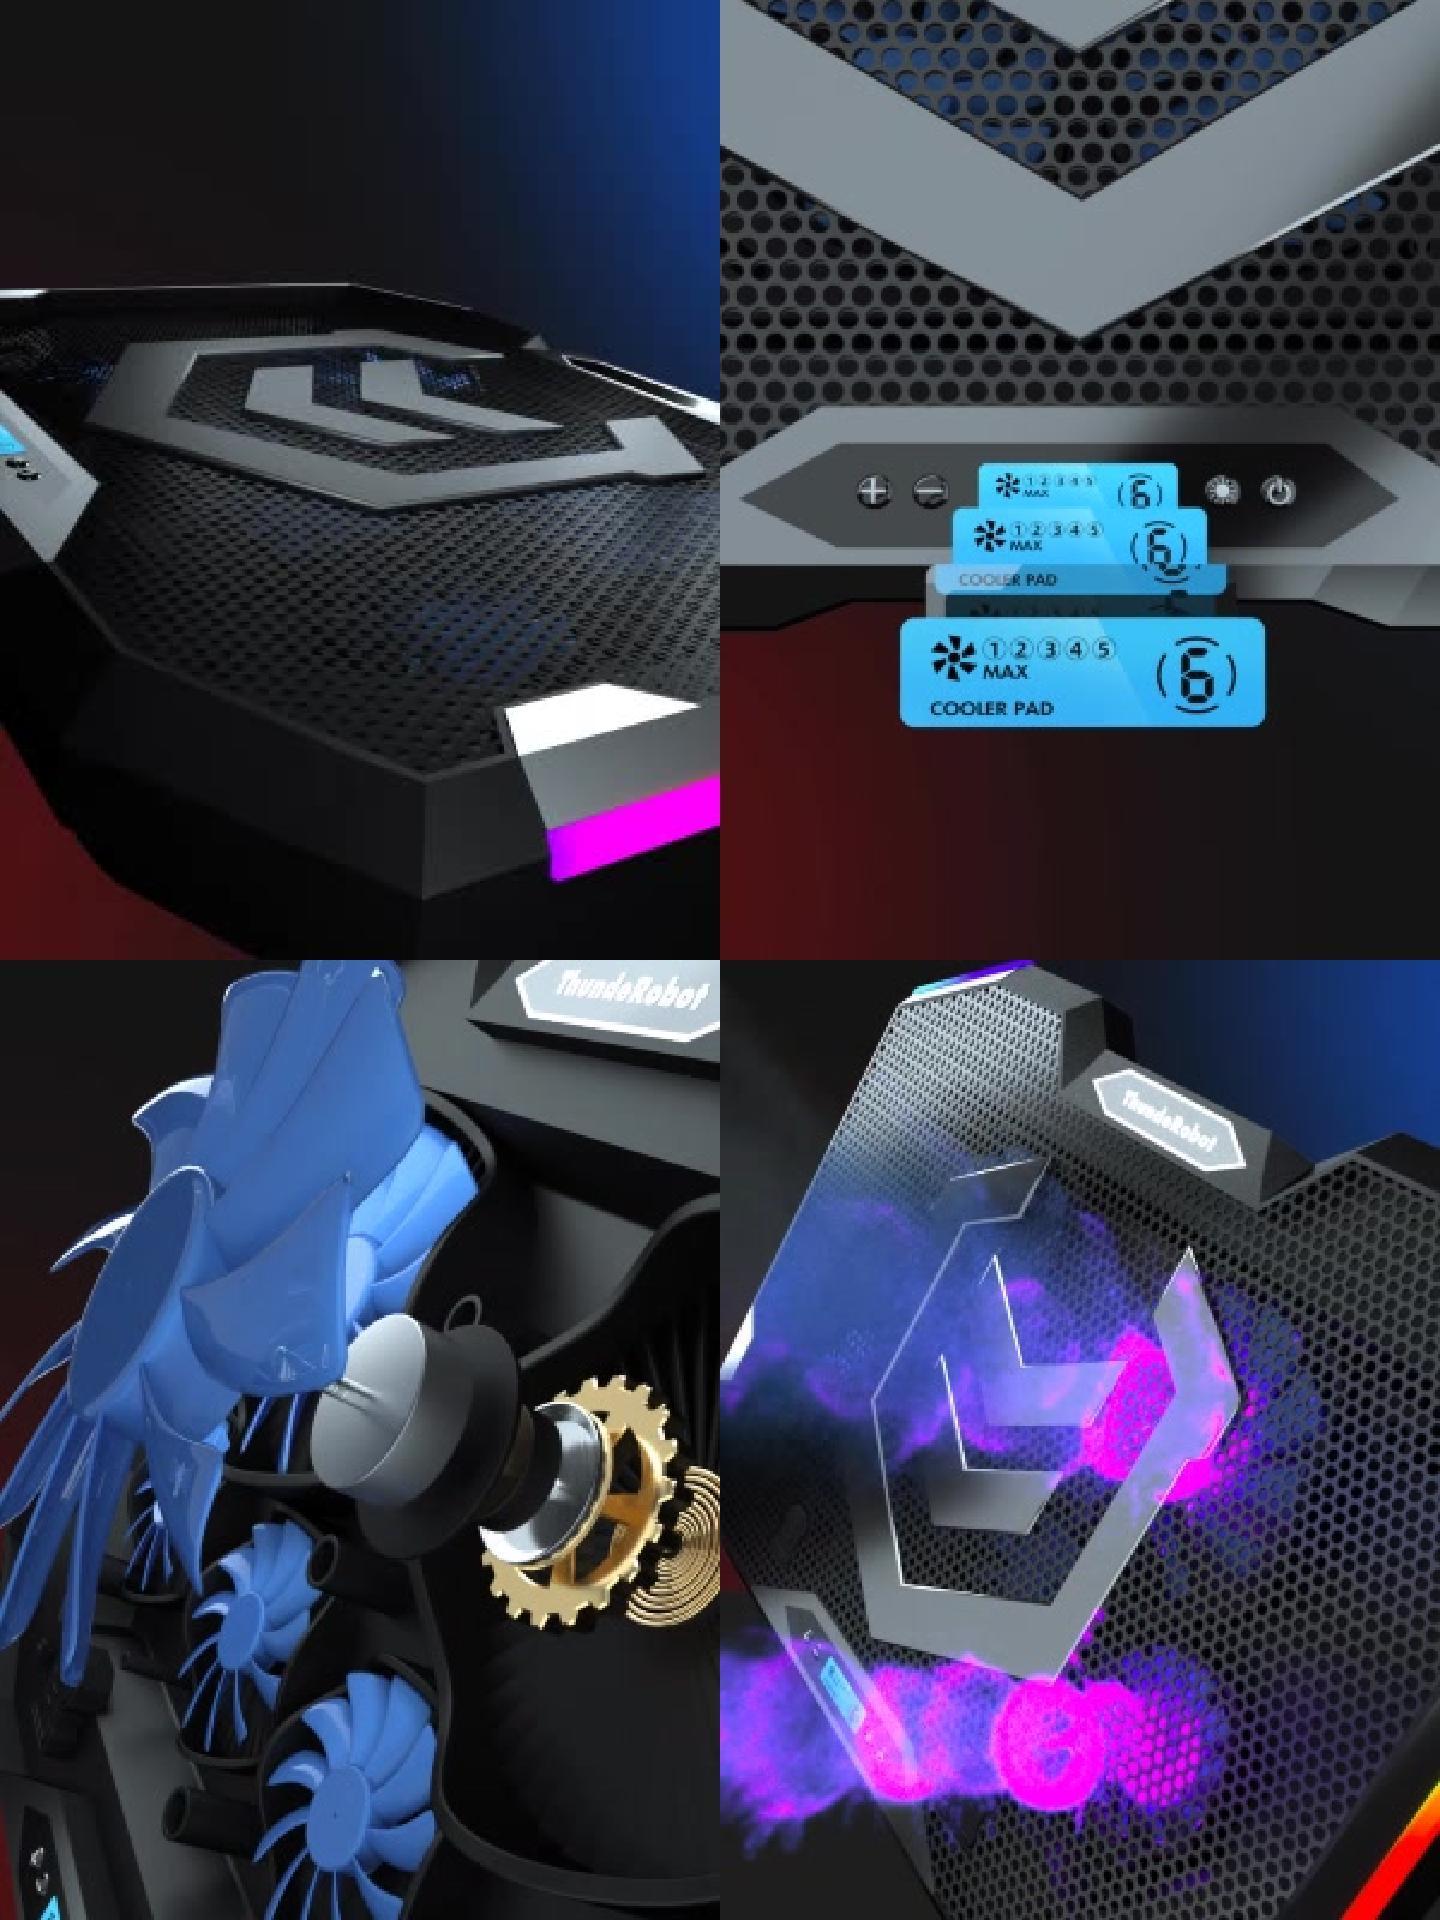 原創筆記本CPU散熱器風扇3d動畫演繹